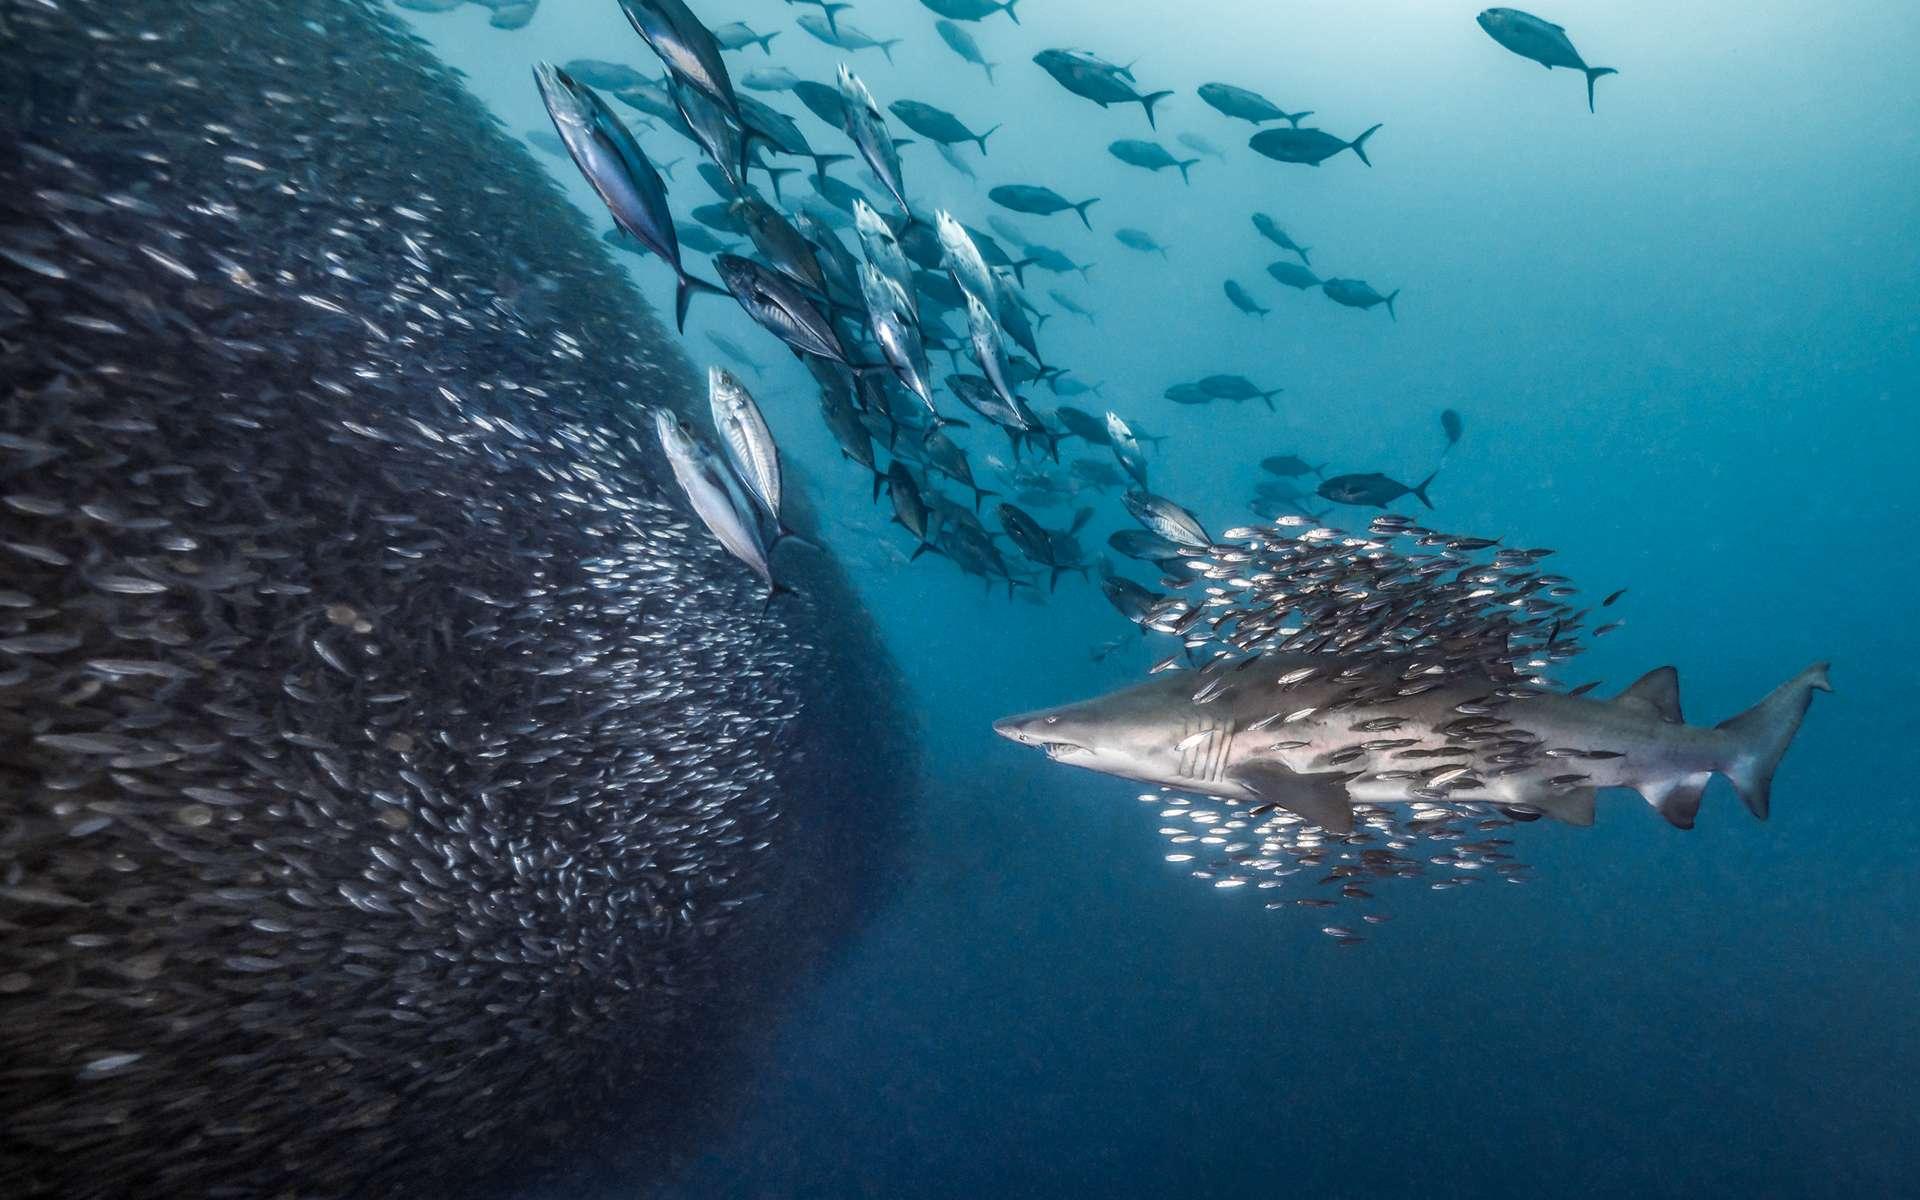 « Écoles d'écoles », 2e prix Comportement sans miroir. Cette photo de requin tigre en plein chasse a été prise à Morehead City, une ville portuaire de Caroline du Nord aux États-Unis. © Debbie Wallace, Ocean Art Competition 2018